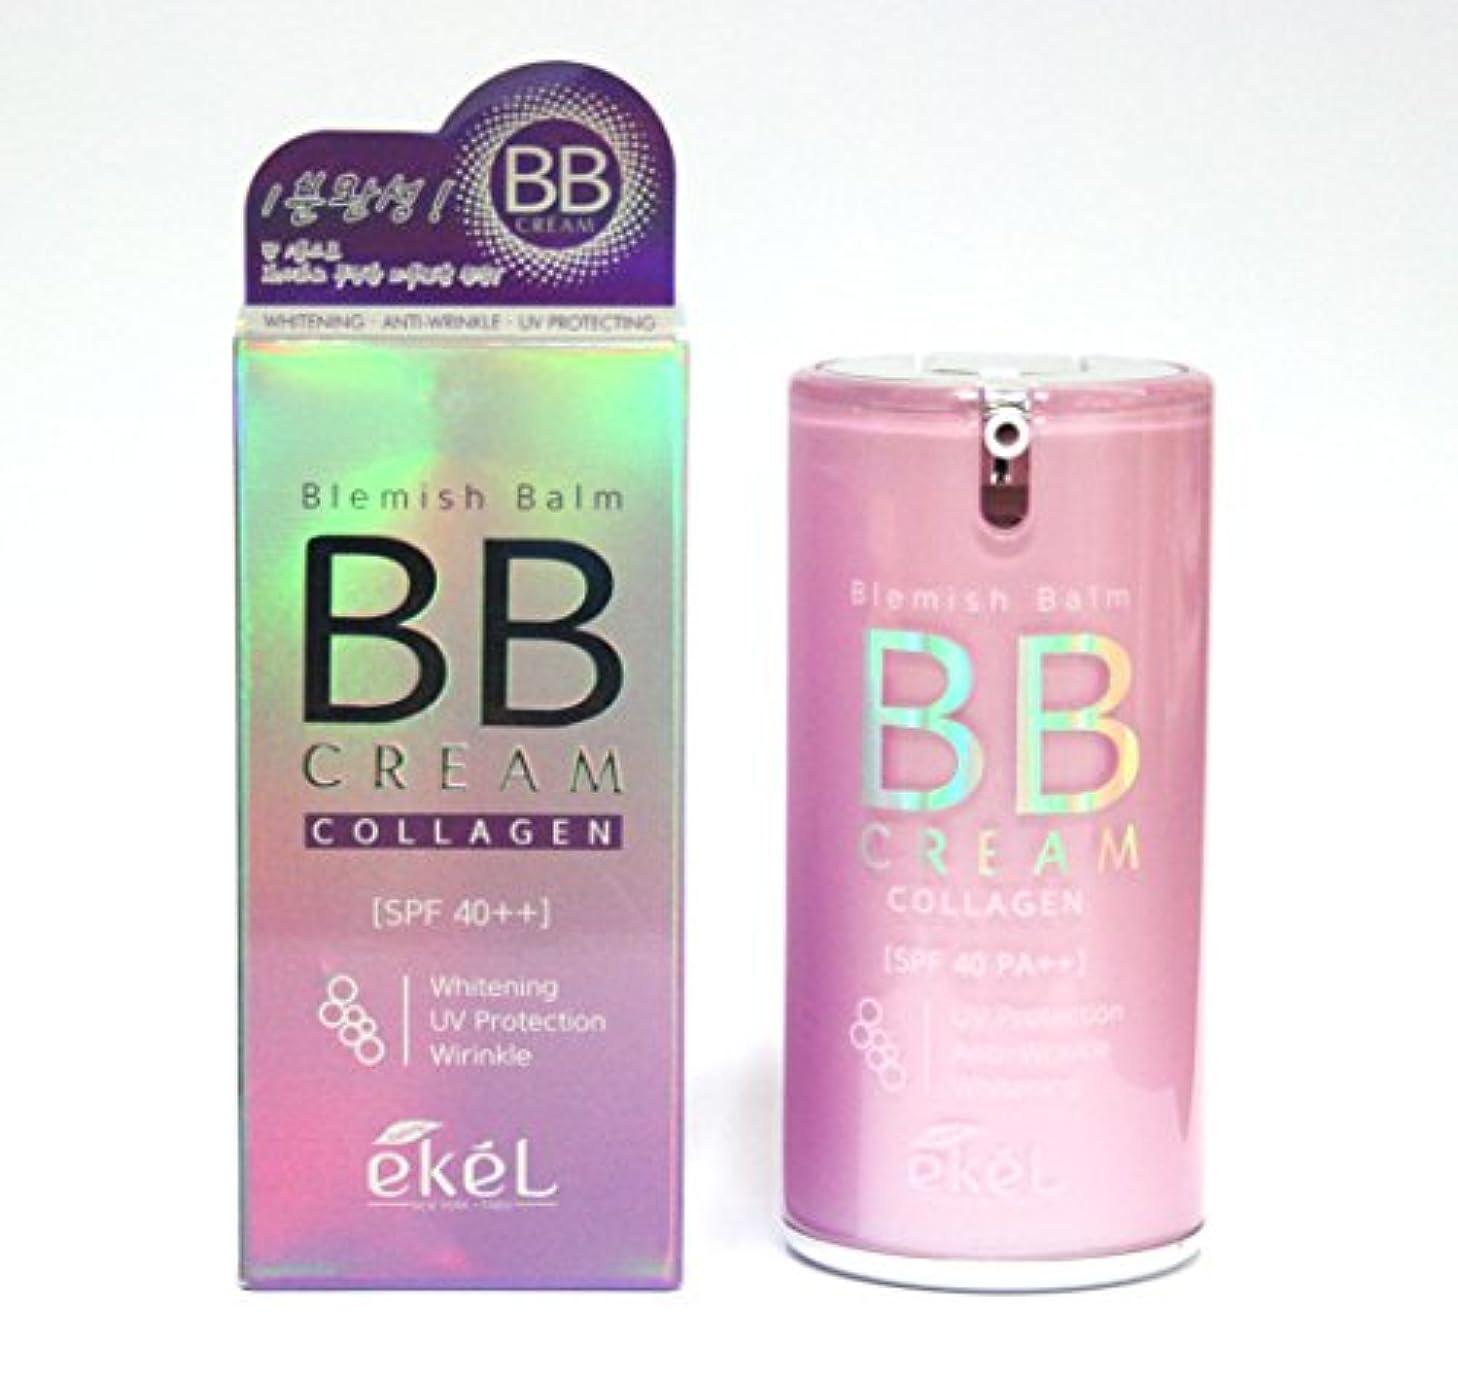 エンコミウム海嶺淡い[EKEL] ブレミッシュバームコラーゲンBBクリーム50g / Blemish Balm Collagen BB Cream 50g /ホワイトニング、UV保護、しわ / whitening, uv protection...